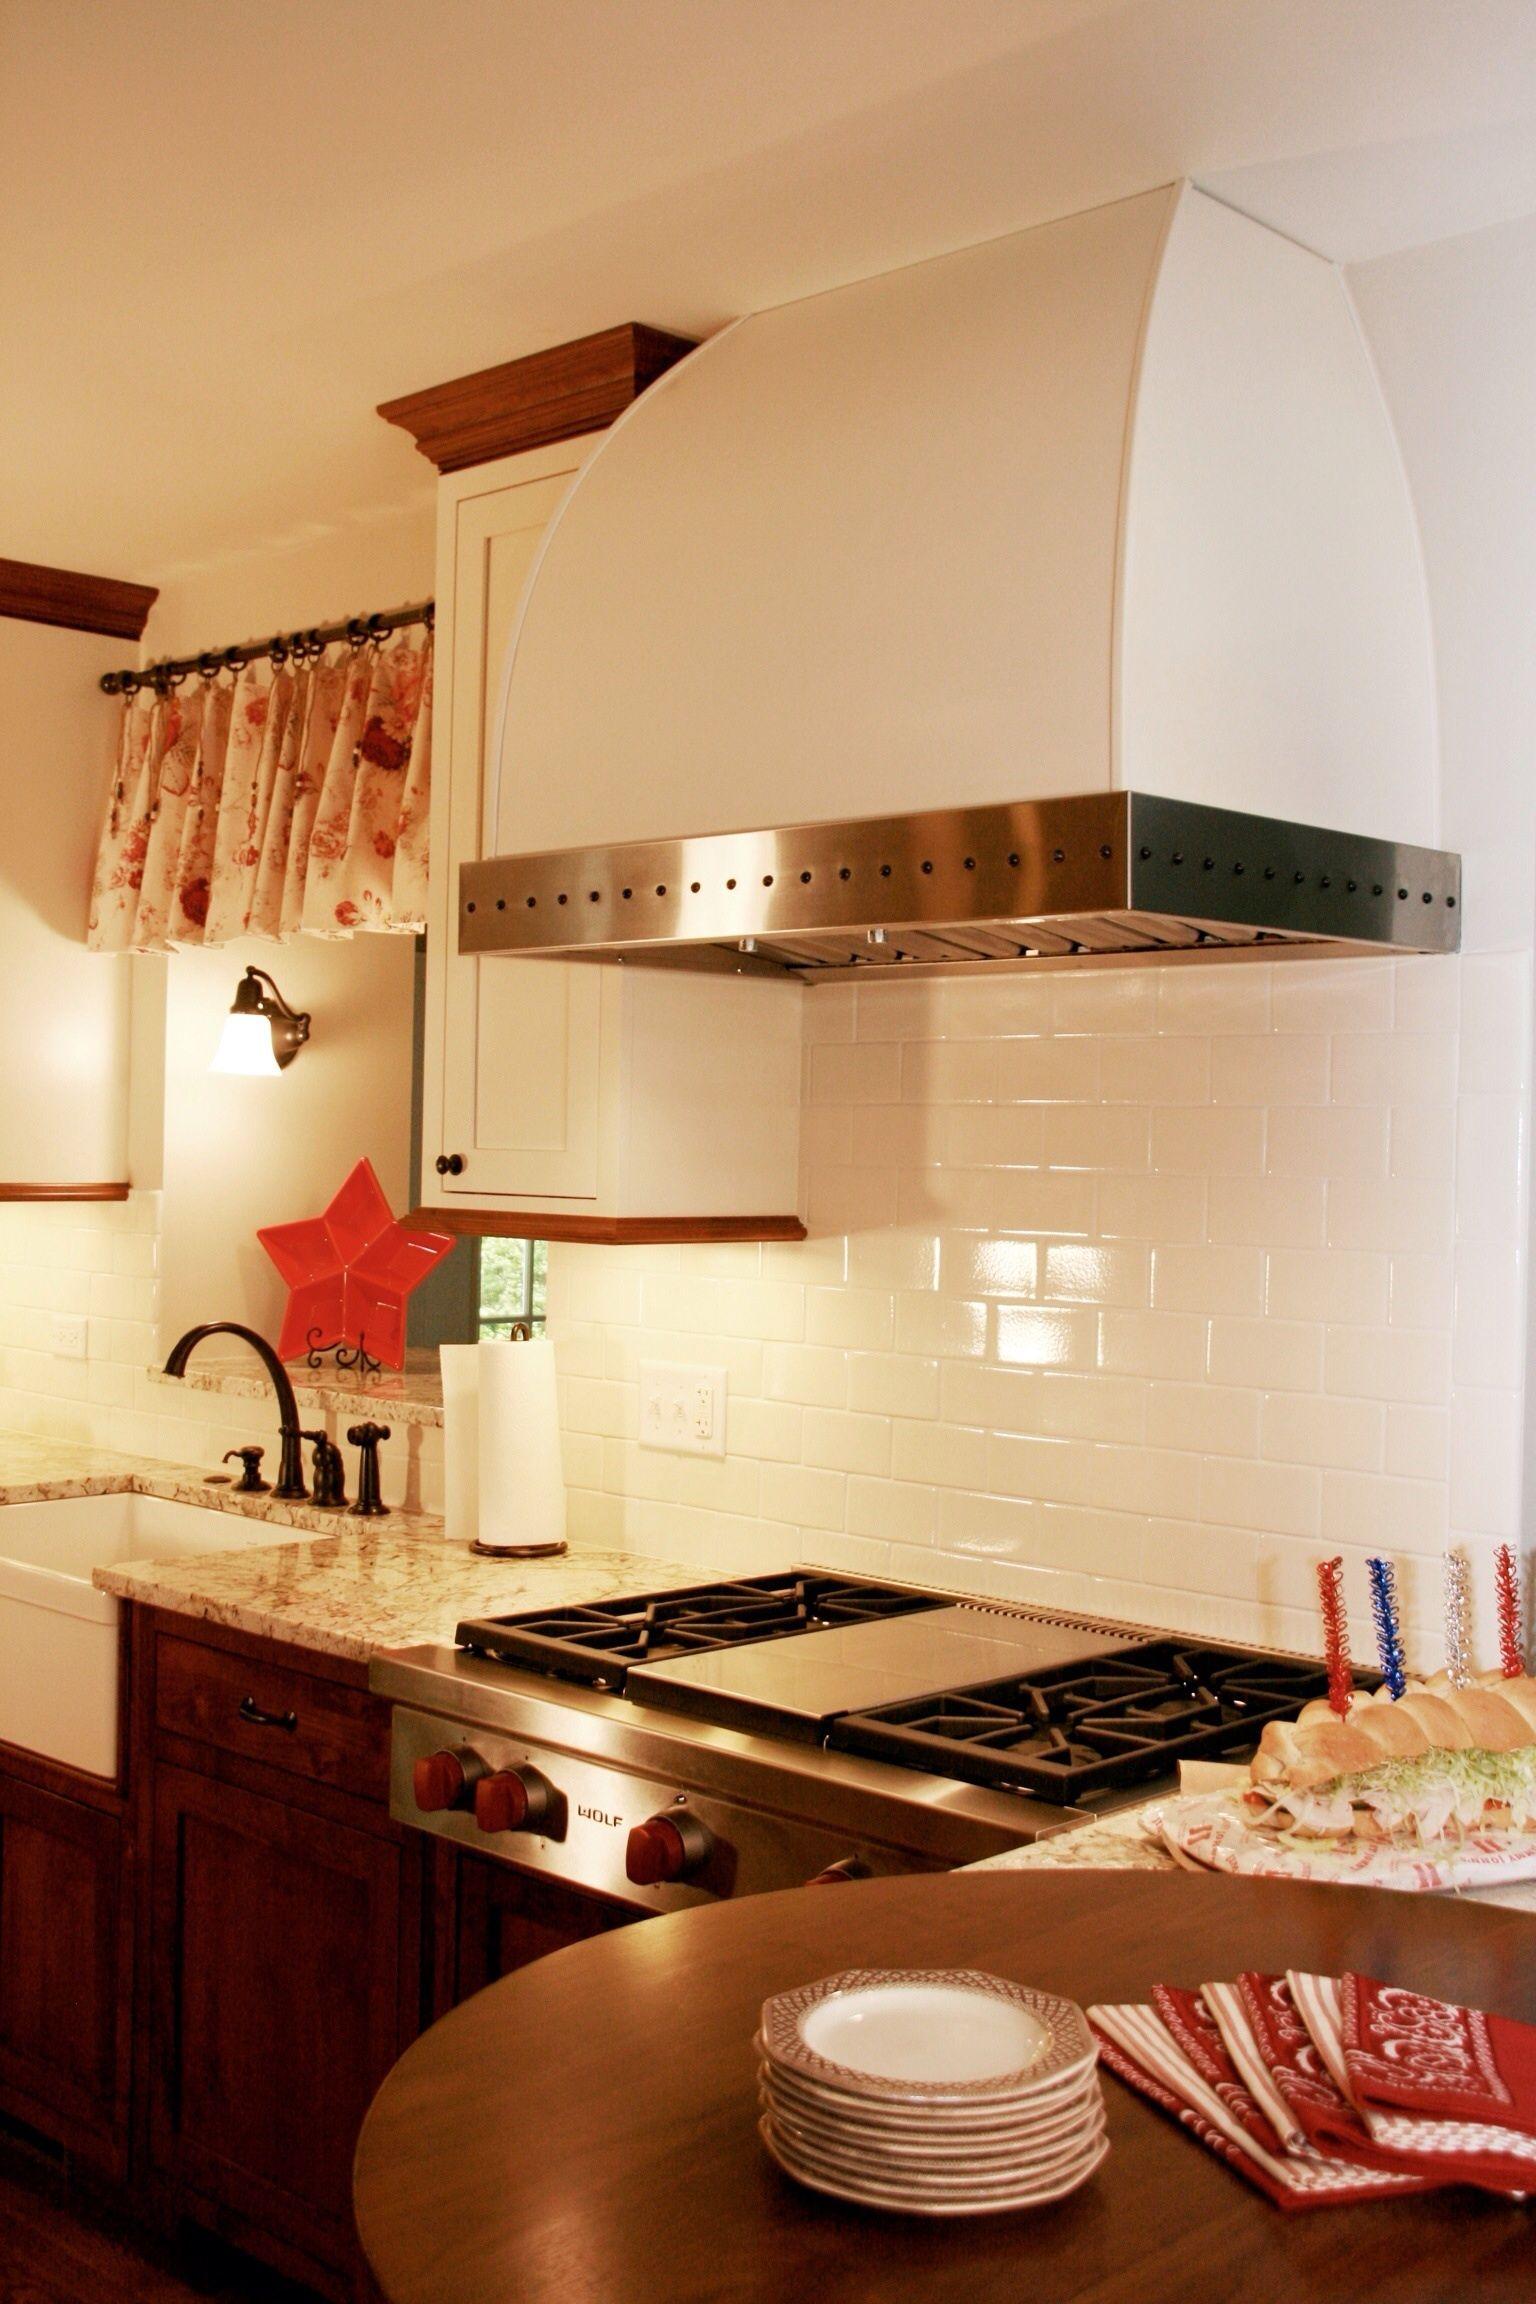 Großartig Benutzerdefinierte Küchenhauben Ideen - Küche Set Ideen ...